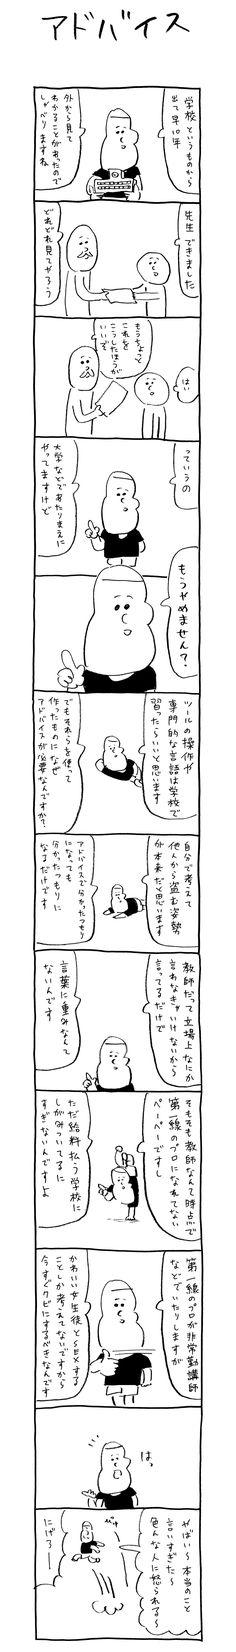 小山健マンガ連載「一石を投じたいだけ」vol.9 | 中2イズム